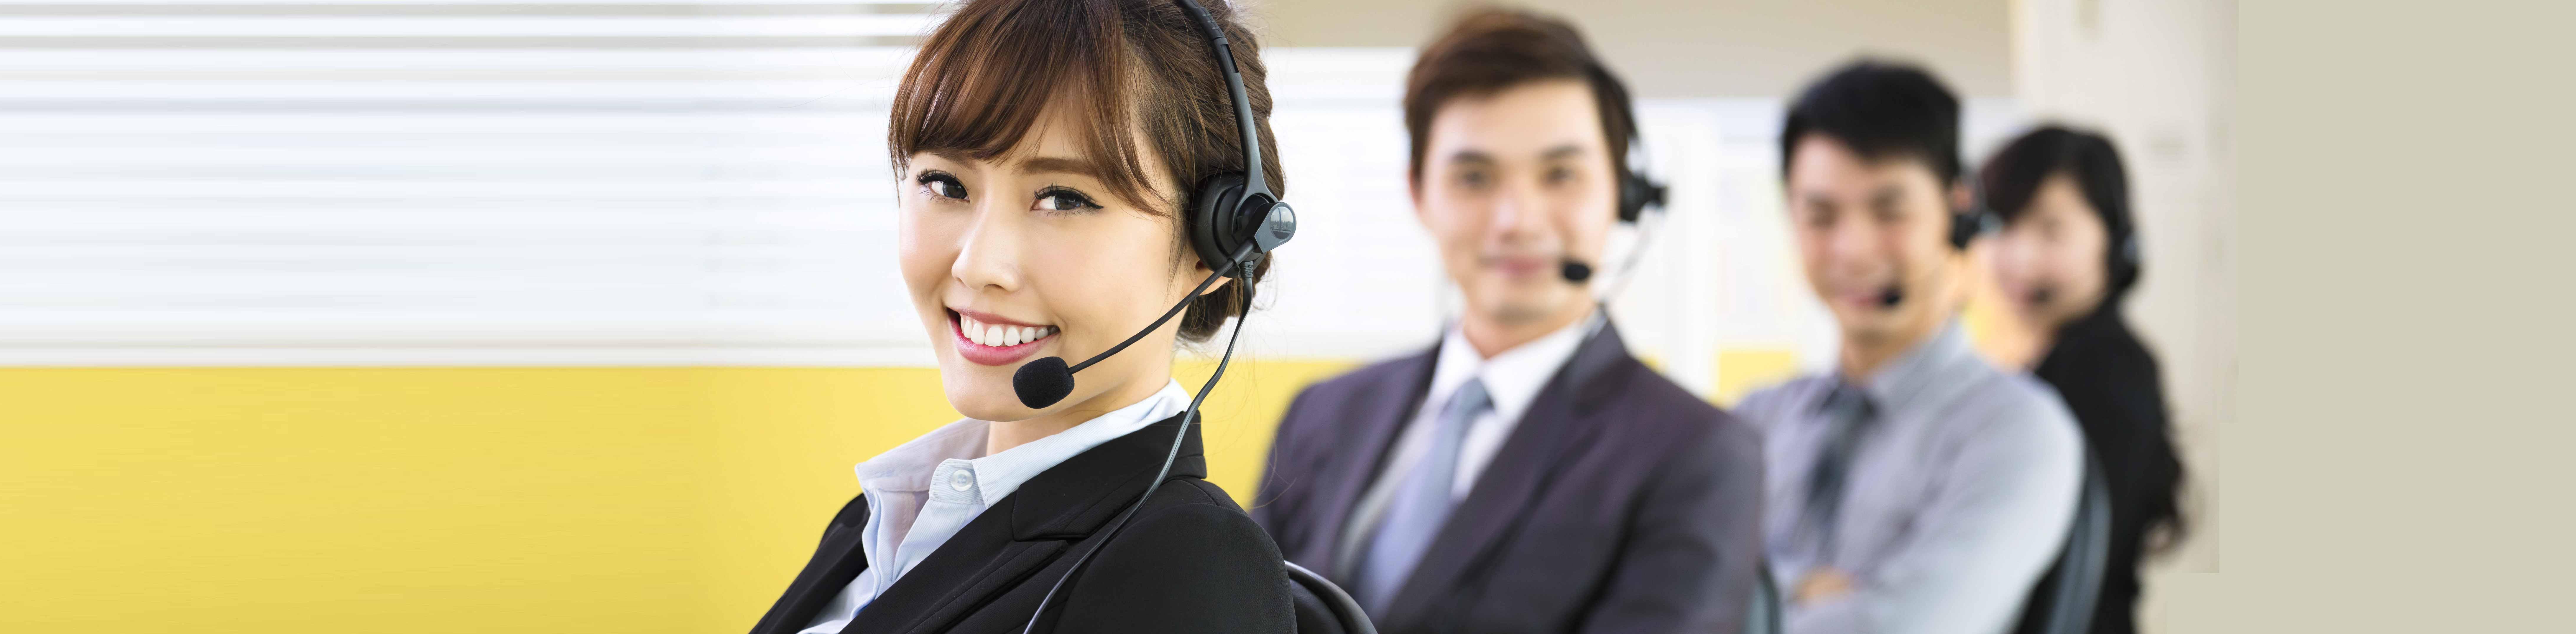 Các thay đổi thông tin liên quan đến khách hàng và hợp đồng